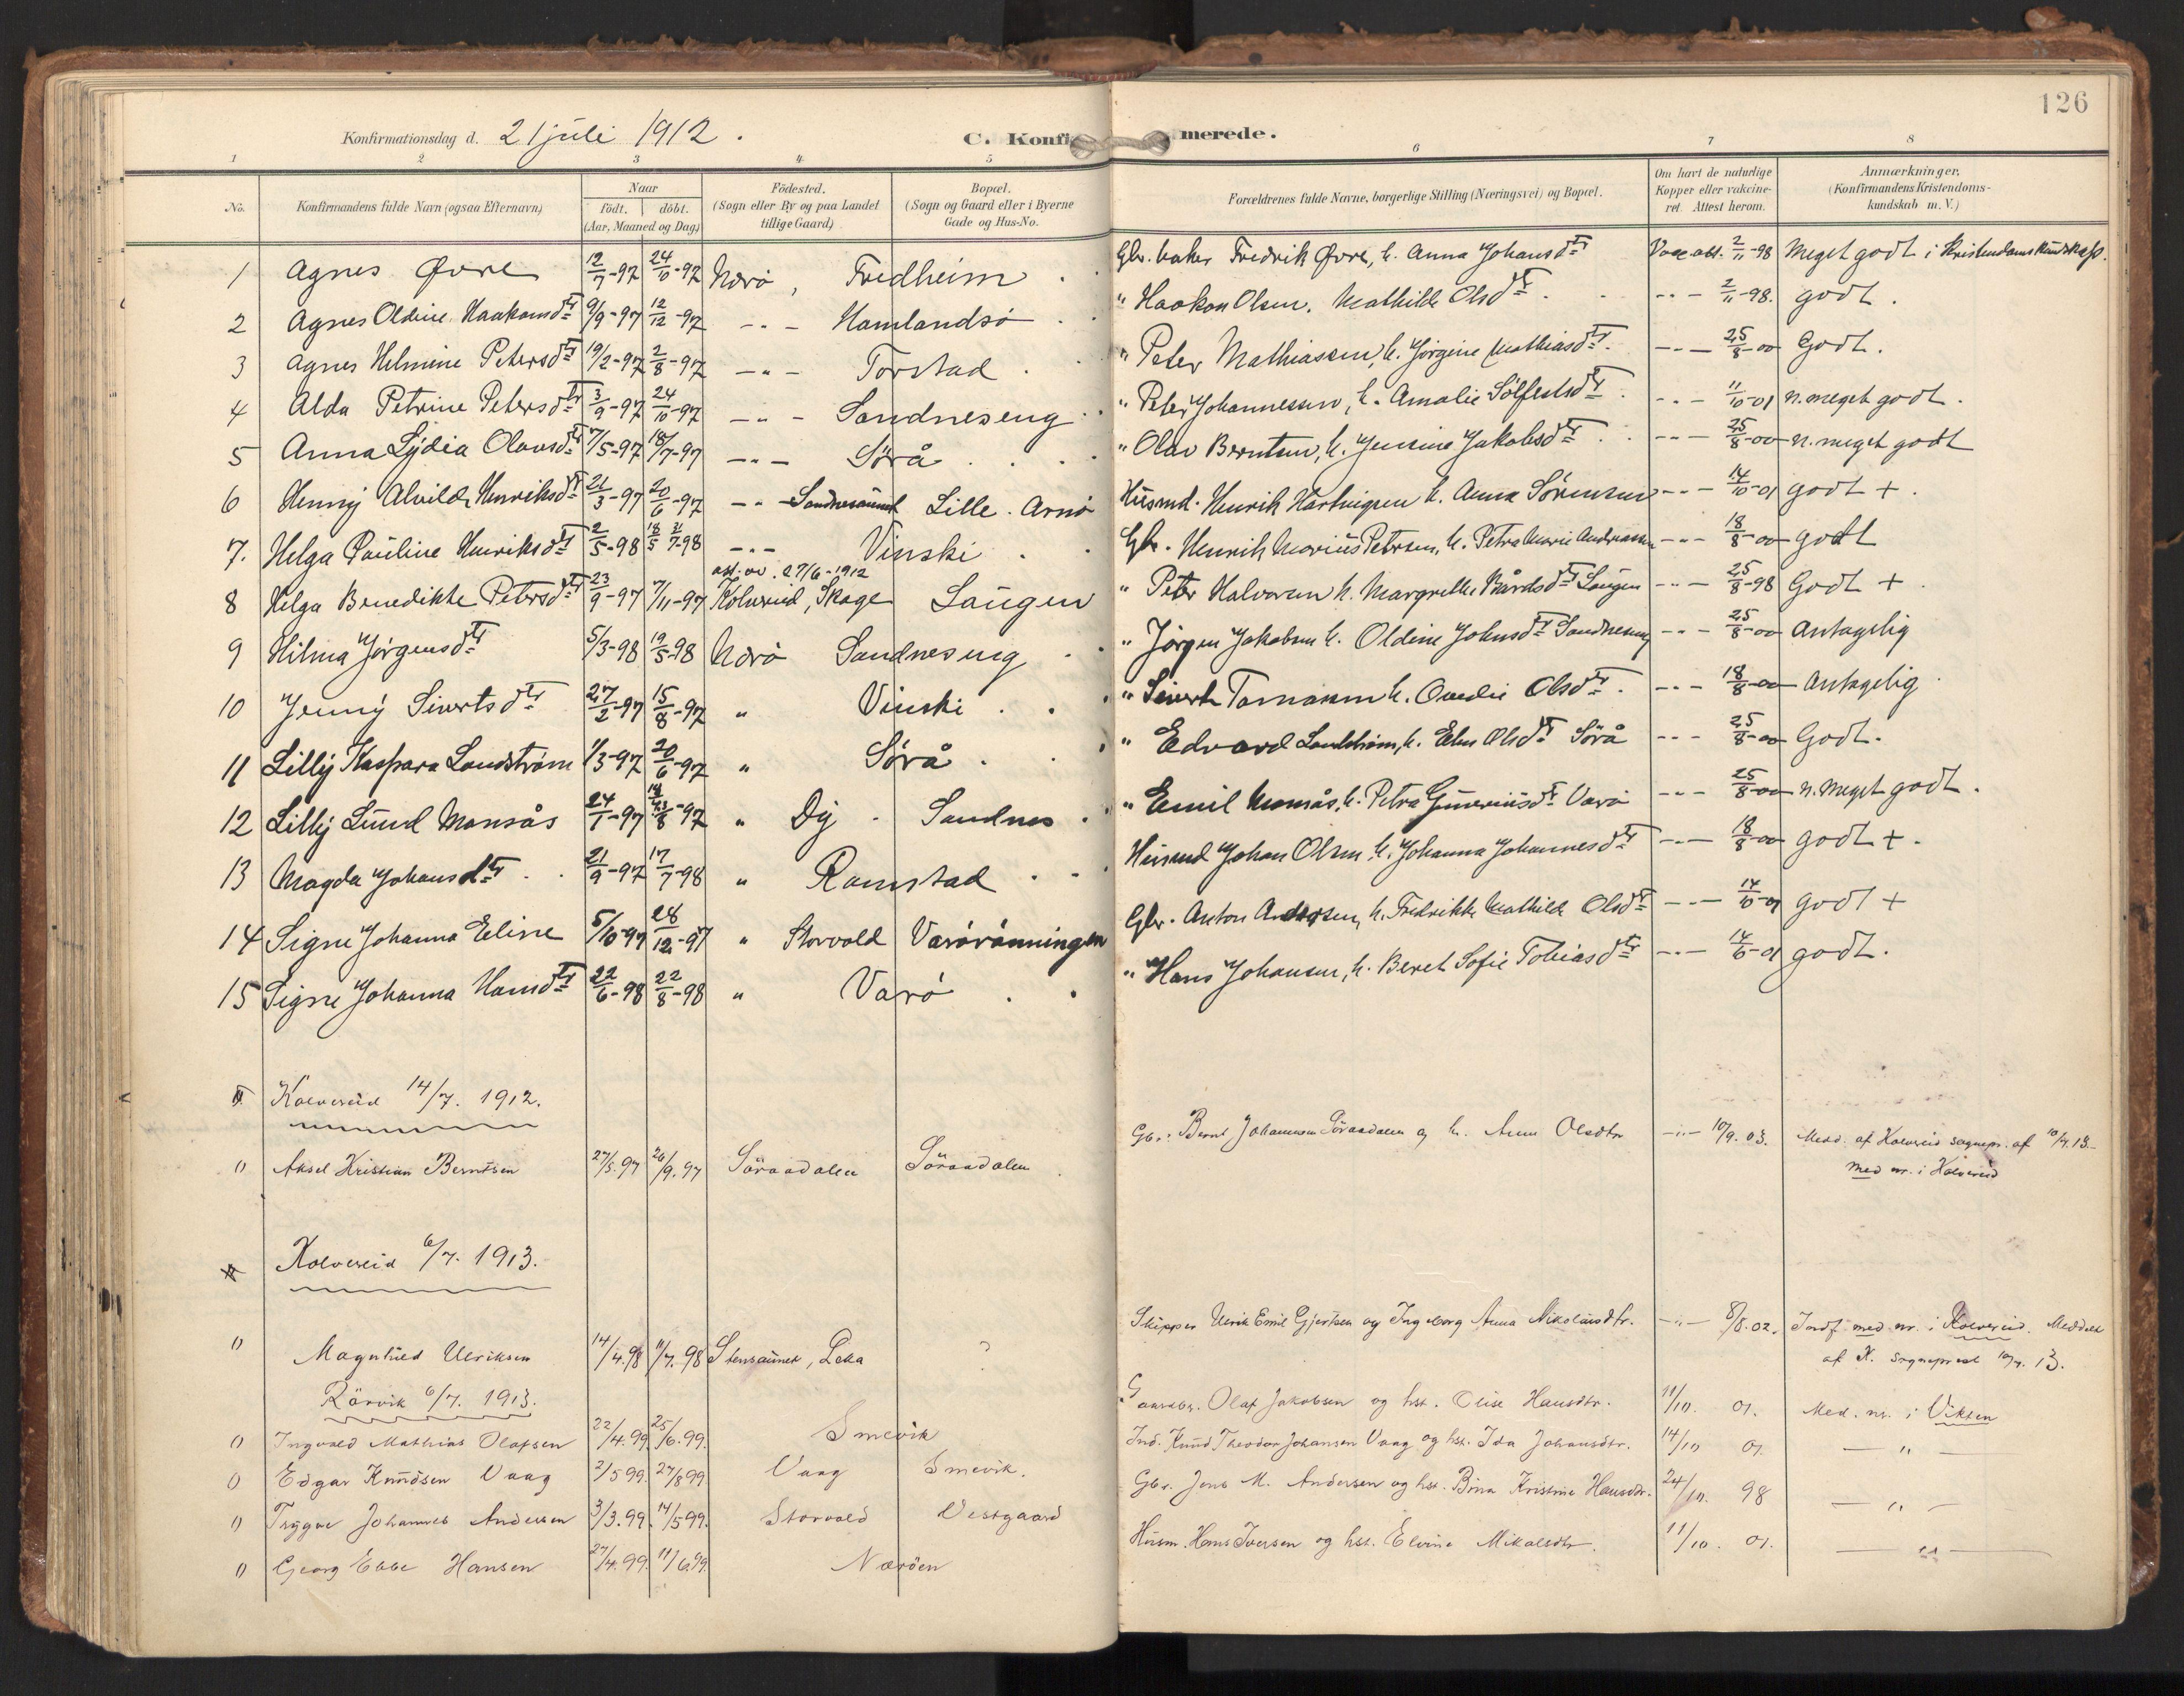 SAT, Ministerialprotokoller, klokkerbøker og fødselsregistre - Nord-Trøndelag, 784/L0677: Ministerialbok nr. 784A12, 1900-1920, s. 126